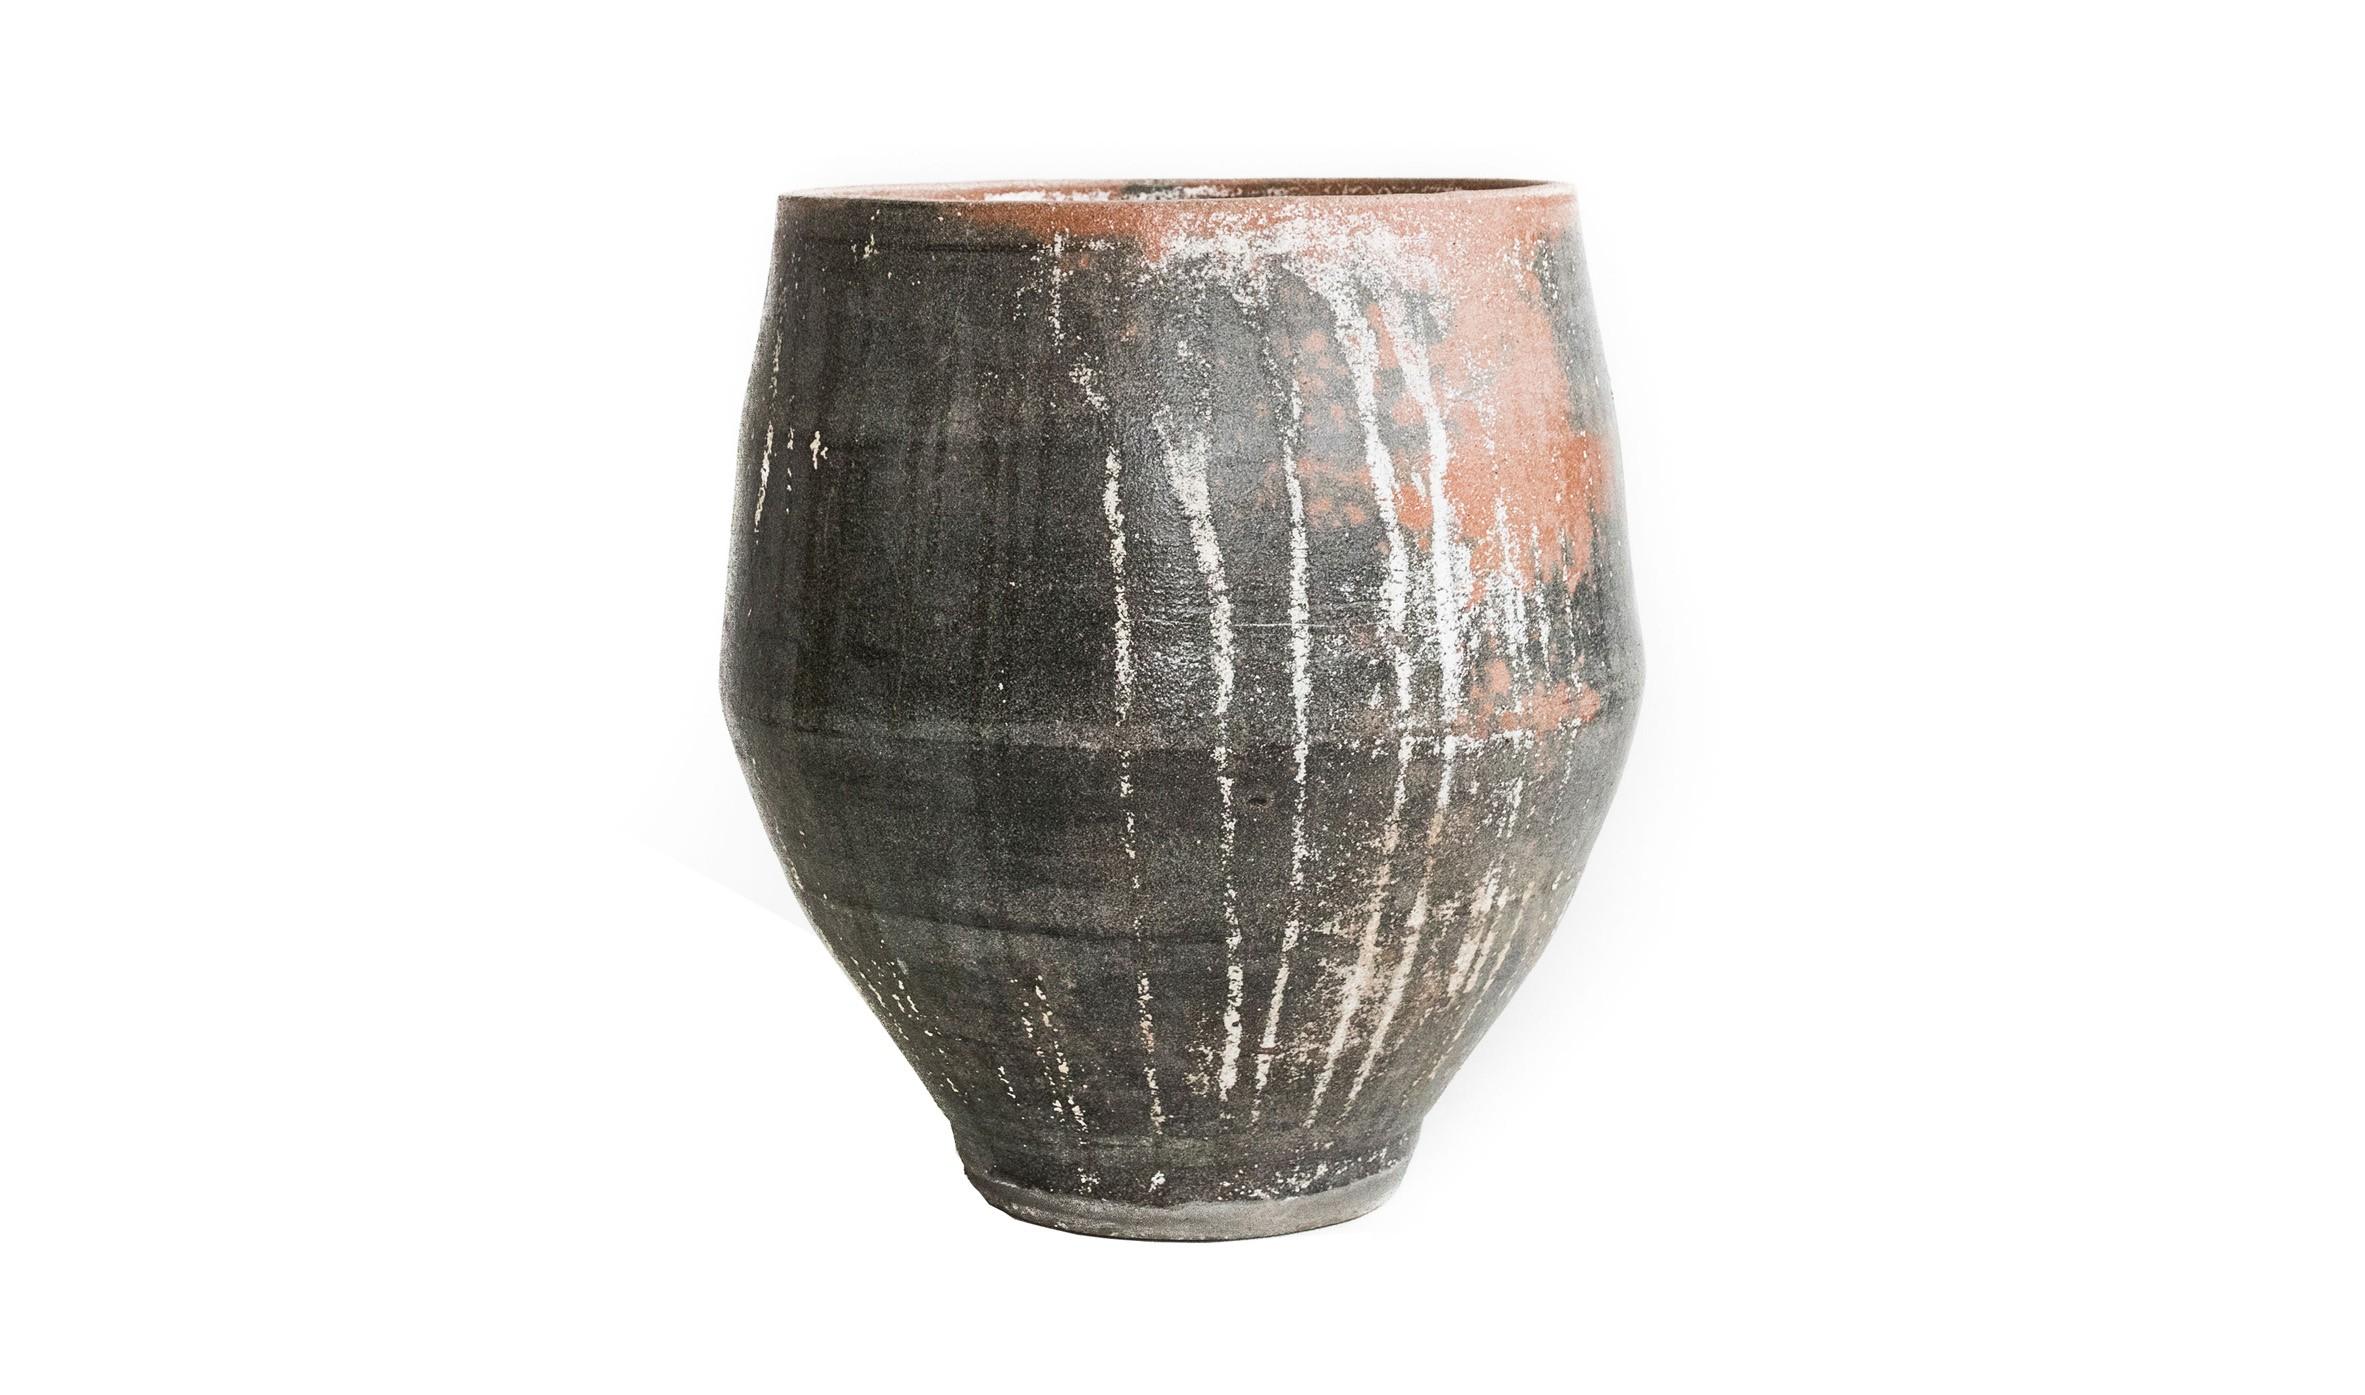 Decor Landare Thumbnails Gumnut-Clay-Pot-Thumbnail-02